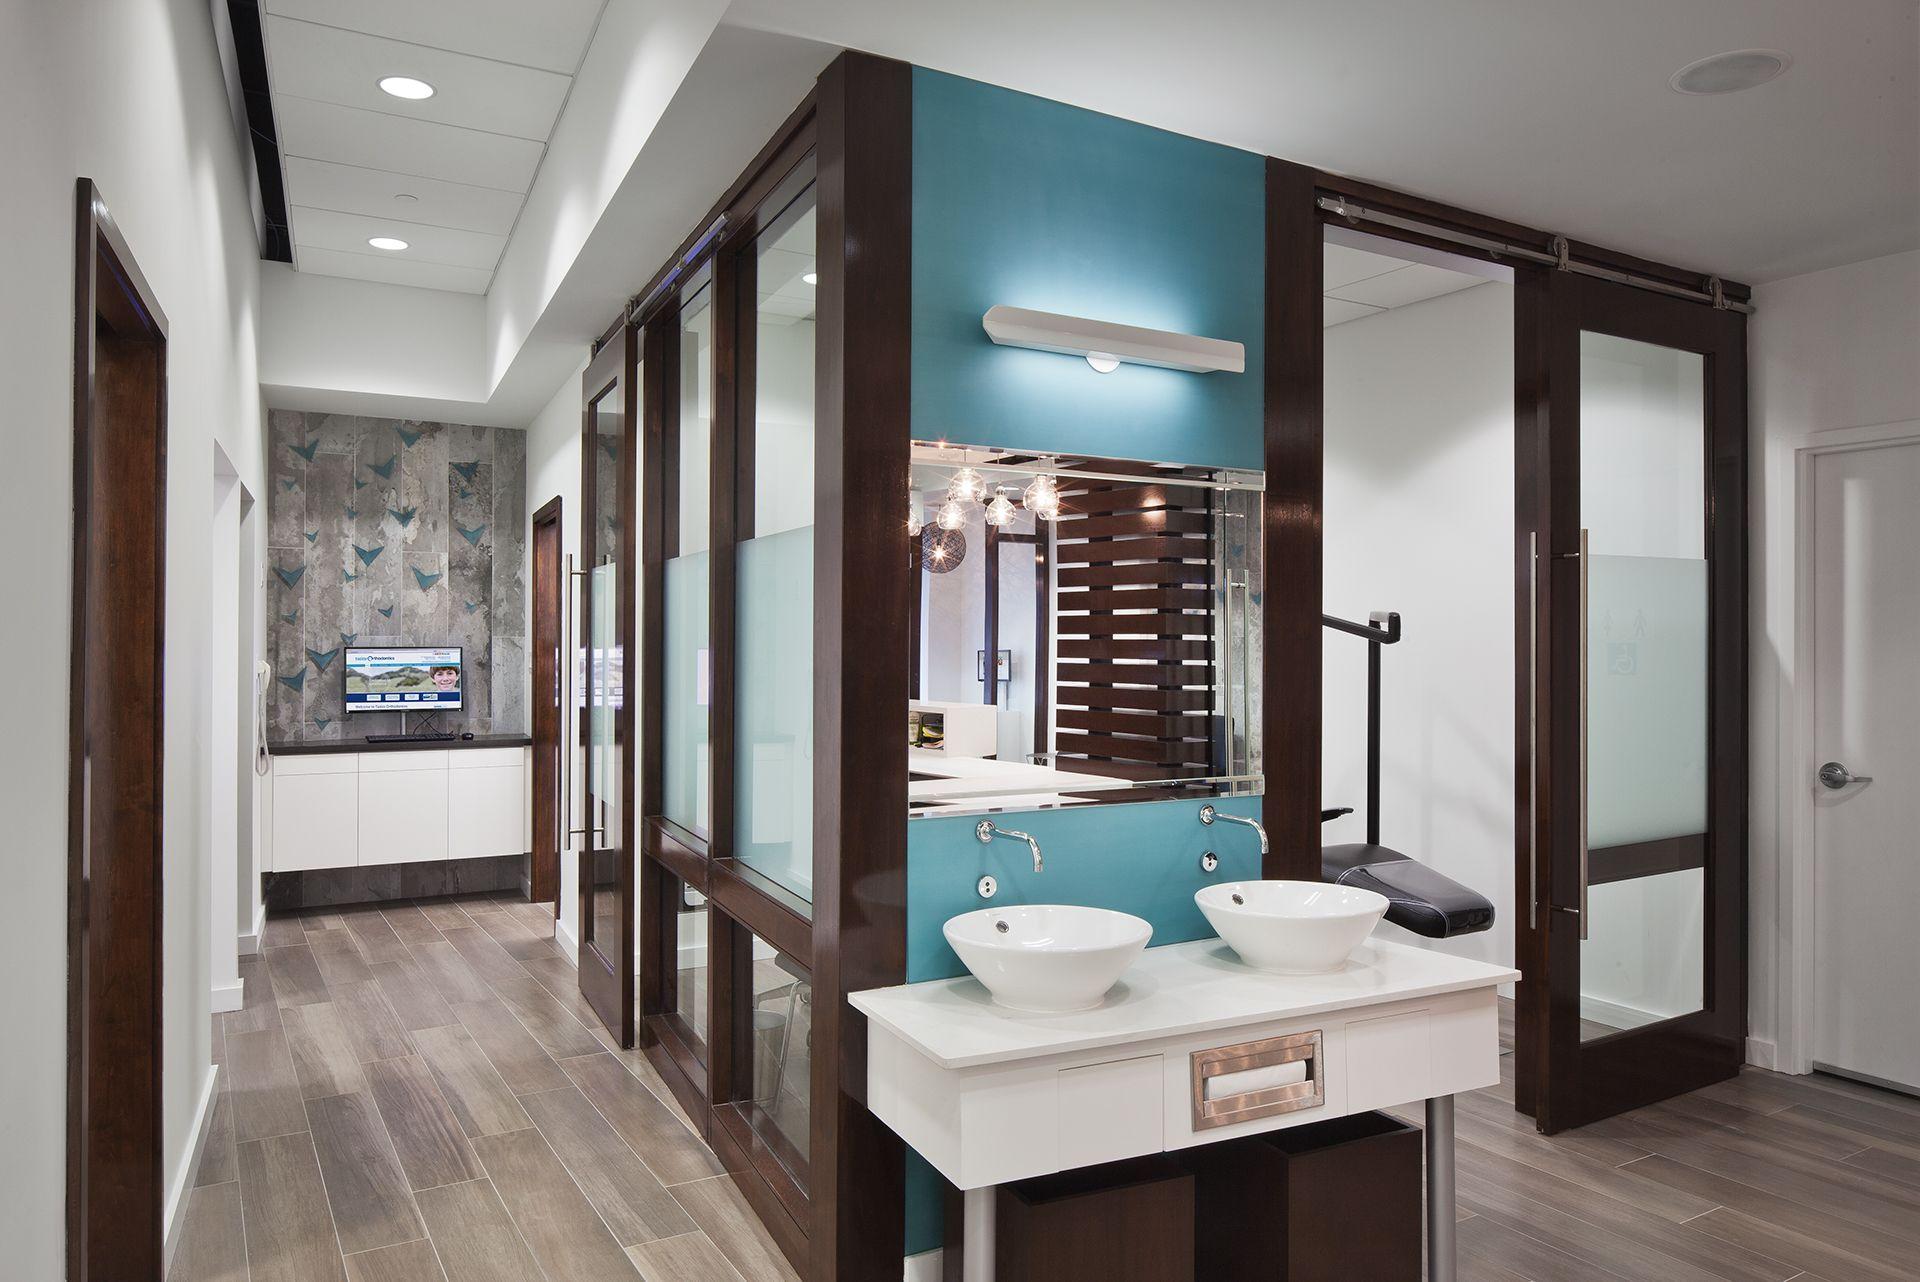 Tasios Orthodontics - Brushing Station | Dental Design | Pinterest ...